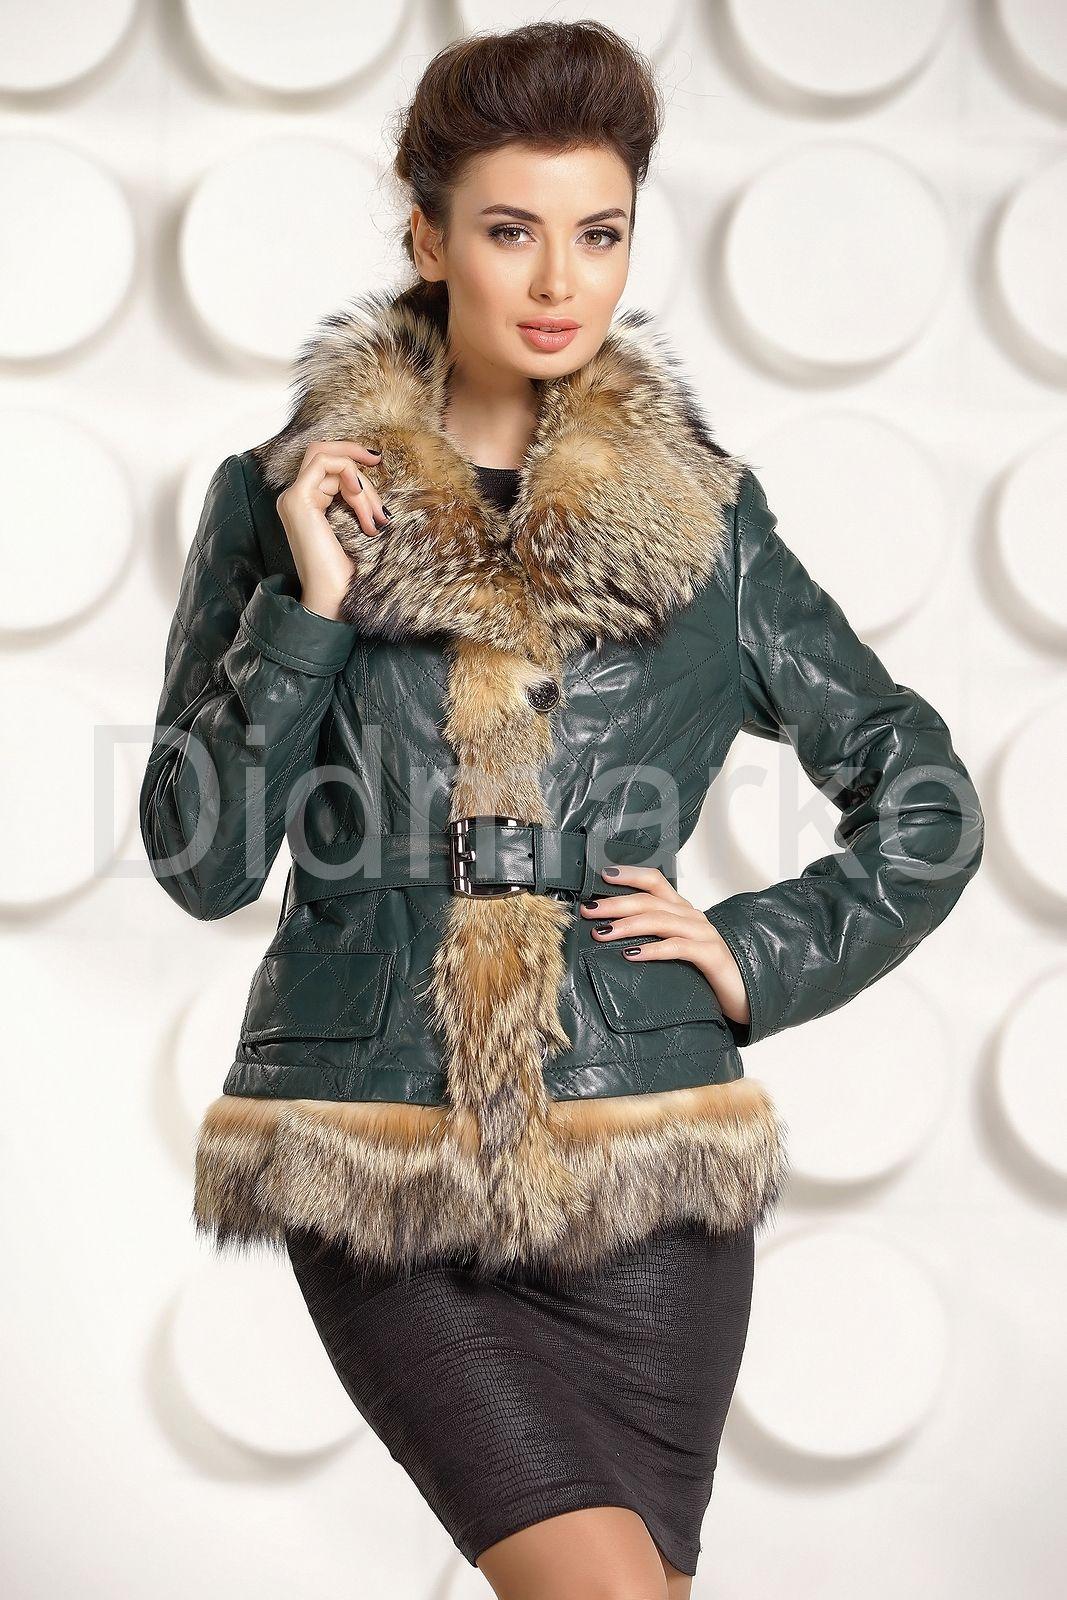 959a5bb7b16 Кожаная куртка с мехом волка купить по цене 33000.00